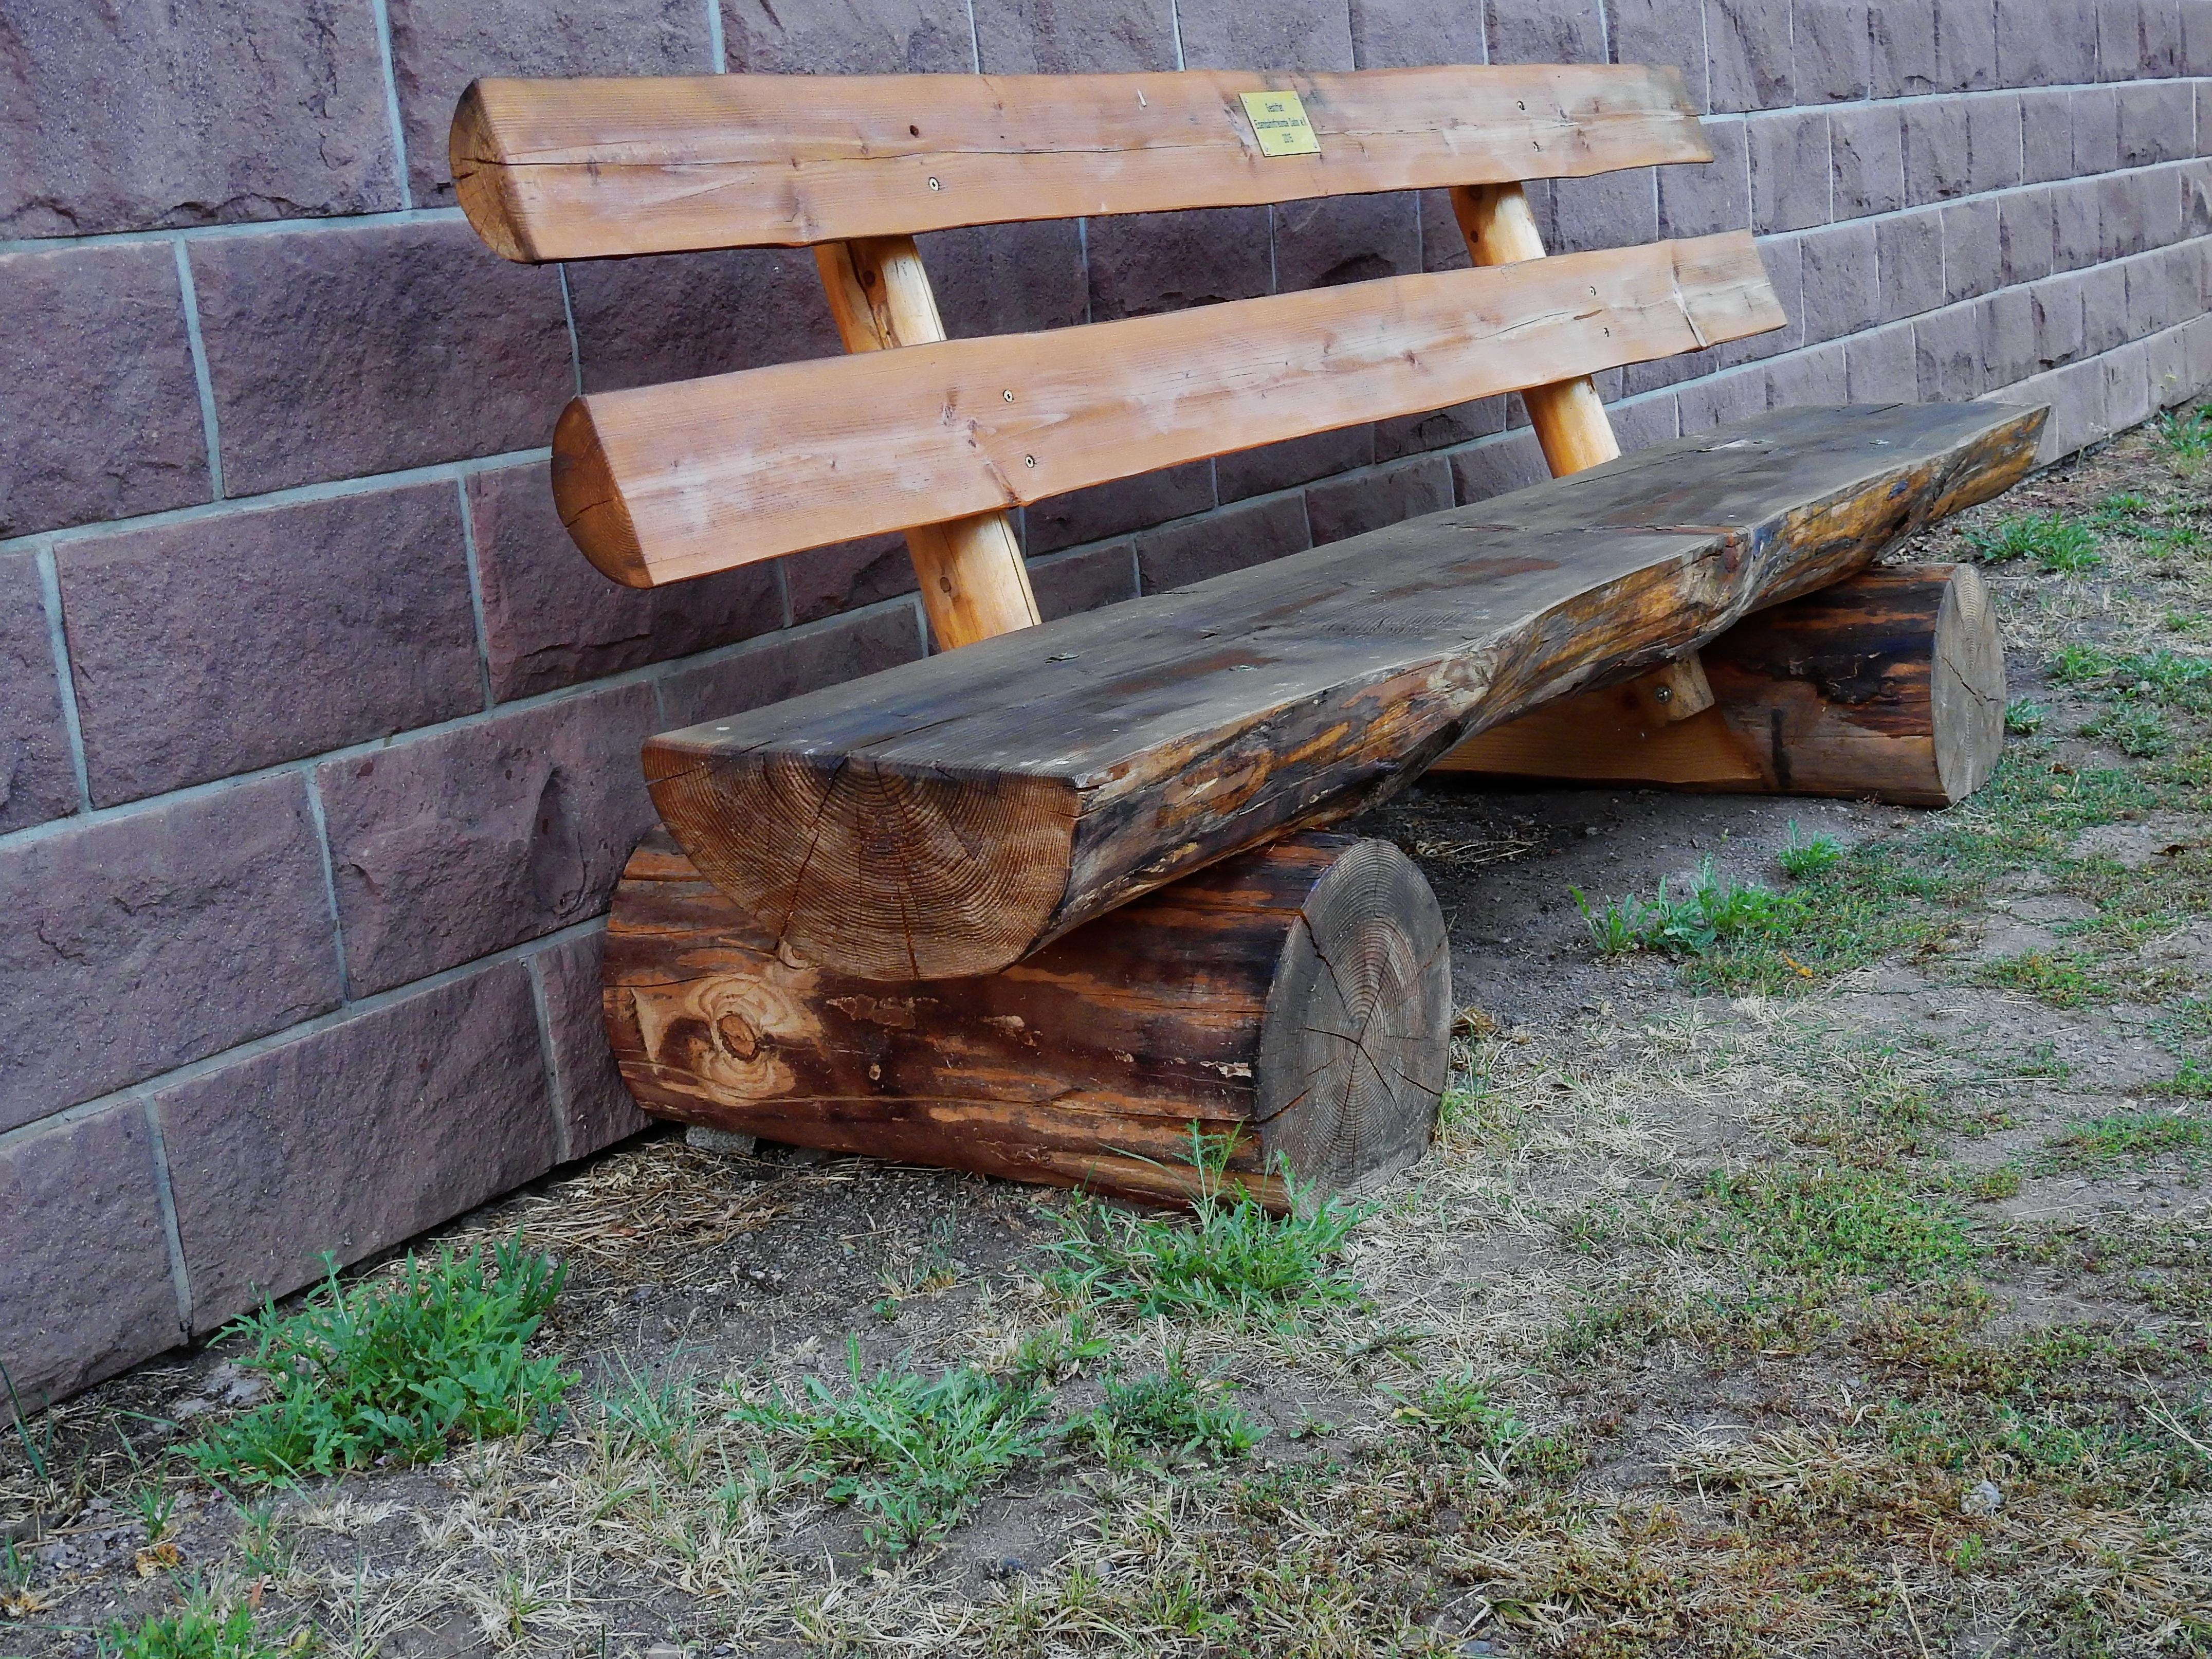 Fotos gratis : mesa, árbol, naturaleza, banco, asiento, pared ...